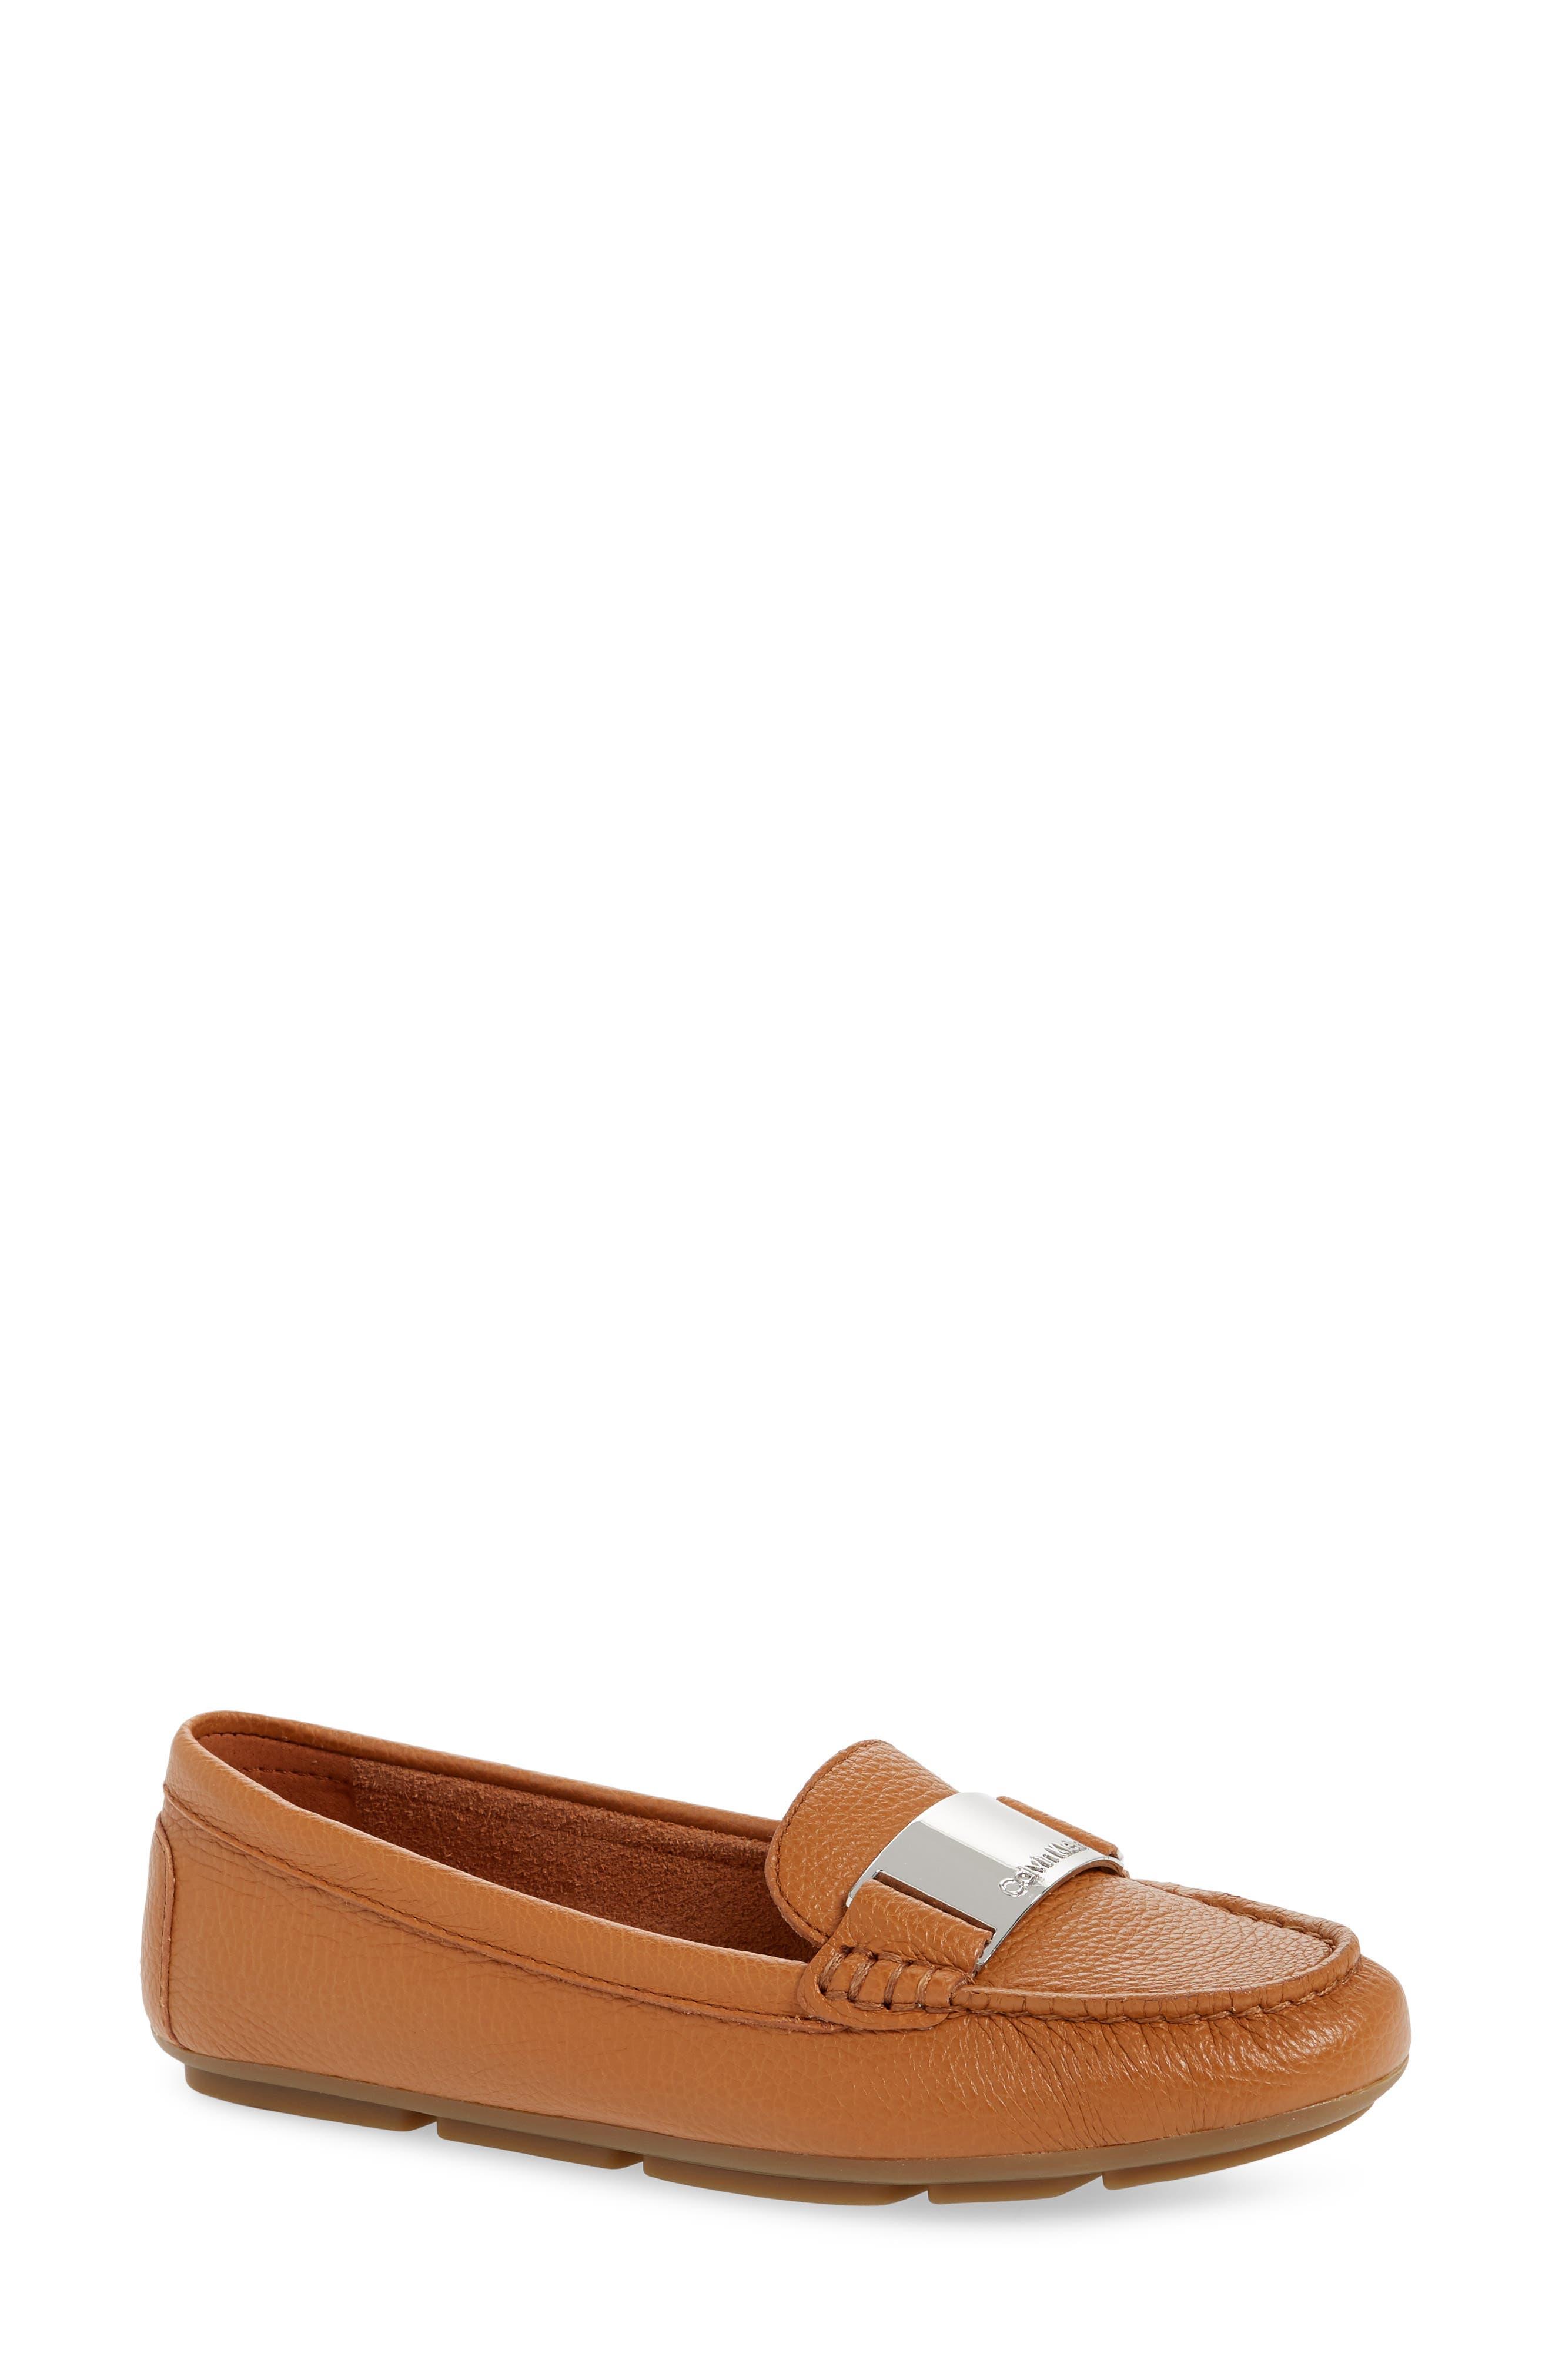 f44b9e2d2d4 Women s Calvin Klein Flat Loafers